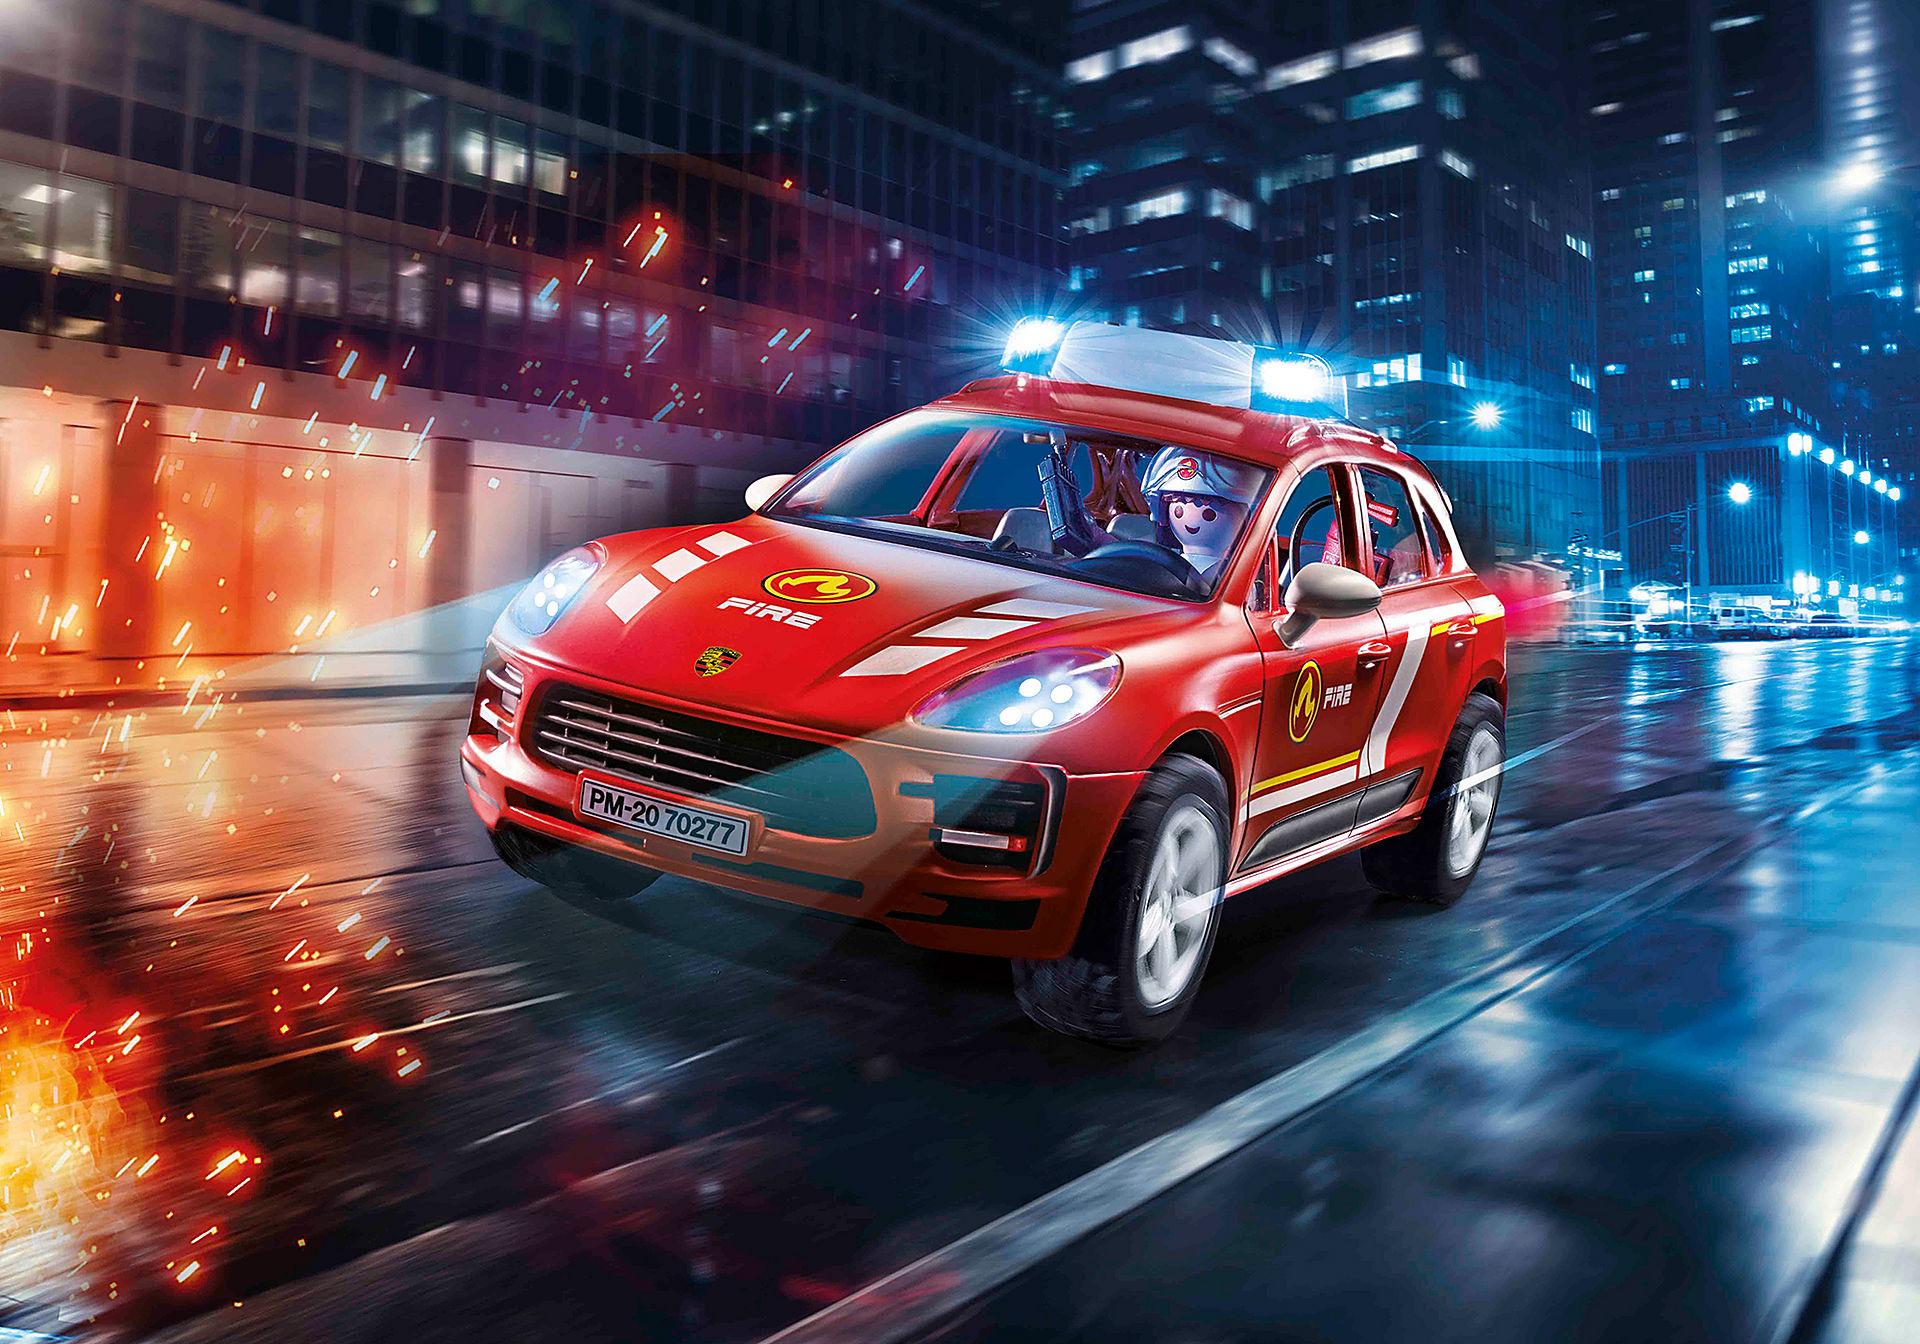 70277 Porsche Macan S Bomberos zoom image1